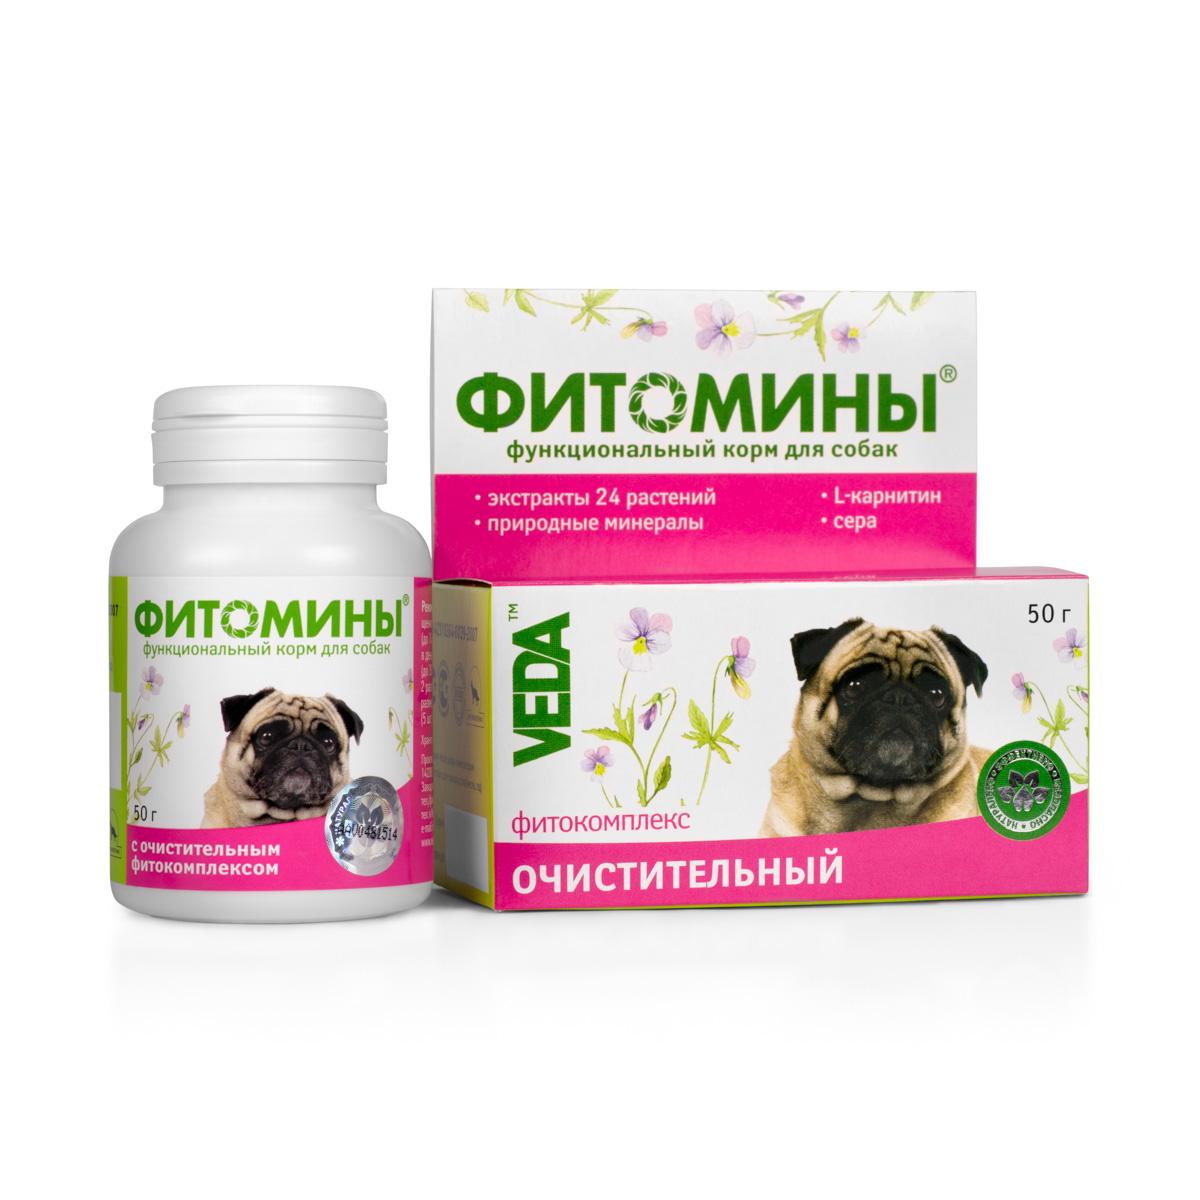 Корм для собак VEDA Фитомины, функциональный, с очистительным фитокомплексом, 50 г4605543005978Функциональный корм для собак VEDA Фитомины с очистительным фитокомплексом стабилизирует работу кишечника, повышает аппетит, восстанавливает и защищает печень, снижает уровень билирубина и холестерина в крови.Рекомендуется включать в рацион животных имеющих отклонения в работе органов:- желудочно-кишечного тракта, - печени, желчного пузыря, желчных протоков, поджелудочной железы.Состав: лактоза; крахмал; дрожжи пивные; фитокомплекс: чаги, цветков ромашки, травы репейничка аптечного, травы солянки холмовой, листьев мяты перечной, цветков бессмертника песчаного, травы сушеницы топяной, травы тысячелистника, травы подмаренника настоящего, травы чистотела, листьев крапивы, почек березы, травы кипрея узколистного, травы зверобоя, травы эхинацеи пурпурной, плодов фенхеля, цветков буквицы, цветков лабазника вязолистного, травы будры плющевидной, корней одуванчика, корней и корневищ солодки, травы фиалки, листьев подорожника большого, травы золототысячника; природный минеральный комплекс; паровая мясная мука; стеарат кальция; L-карнитин; сера. В 100 г продукта содержится (не менее): углеводы - 92 г; жиры - 0,1 г; белки – 2,0 г; кальций - 600 мг; фосфор - 360 мг; железо - 15,0 мг; цинк - 4 мг; марганец - 0,1 мг; медь - 0,3 мг; L-карнитин - 0,5 г; сера - 0,1 г.Энергетическая ценность в 100 г: 380 ккал.Товар сертифицирован.